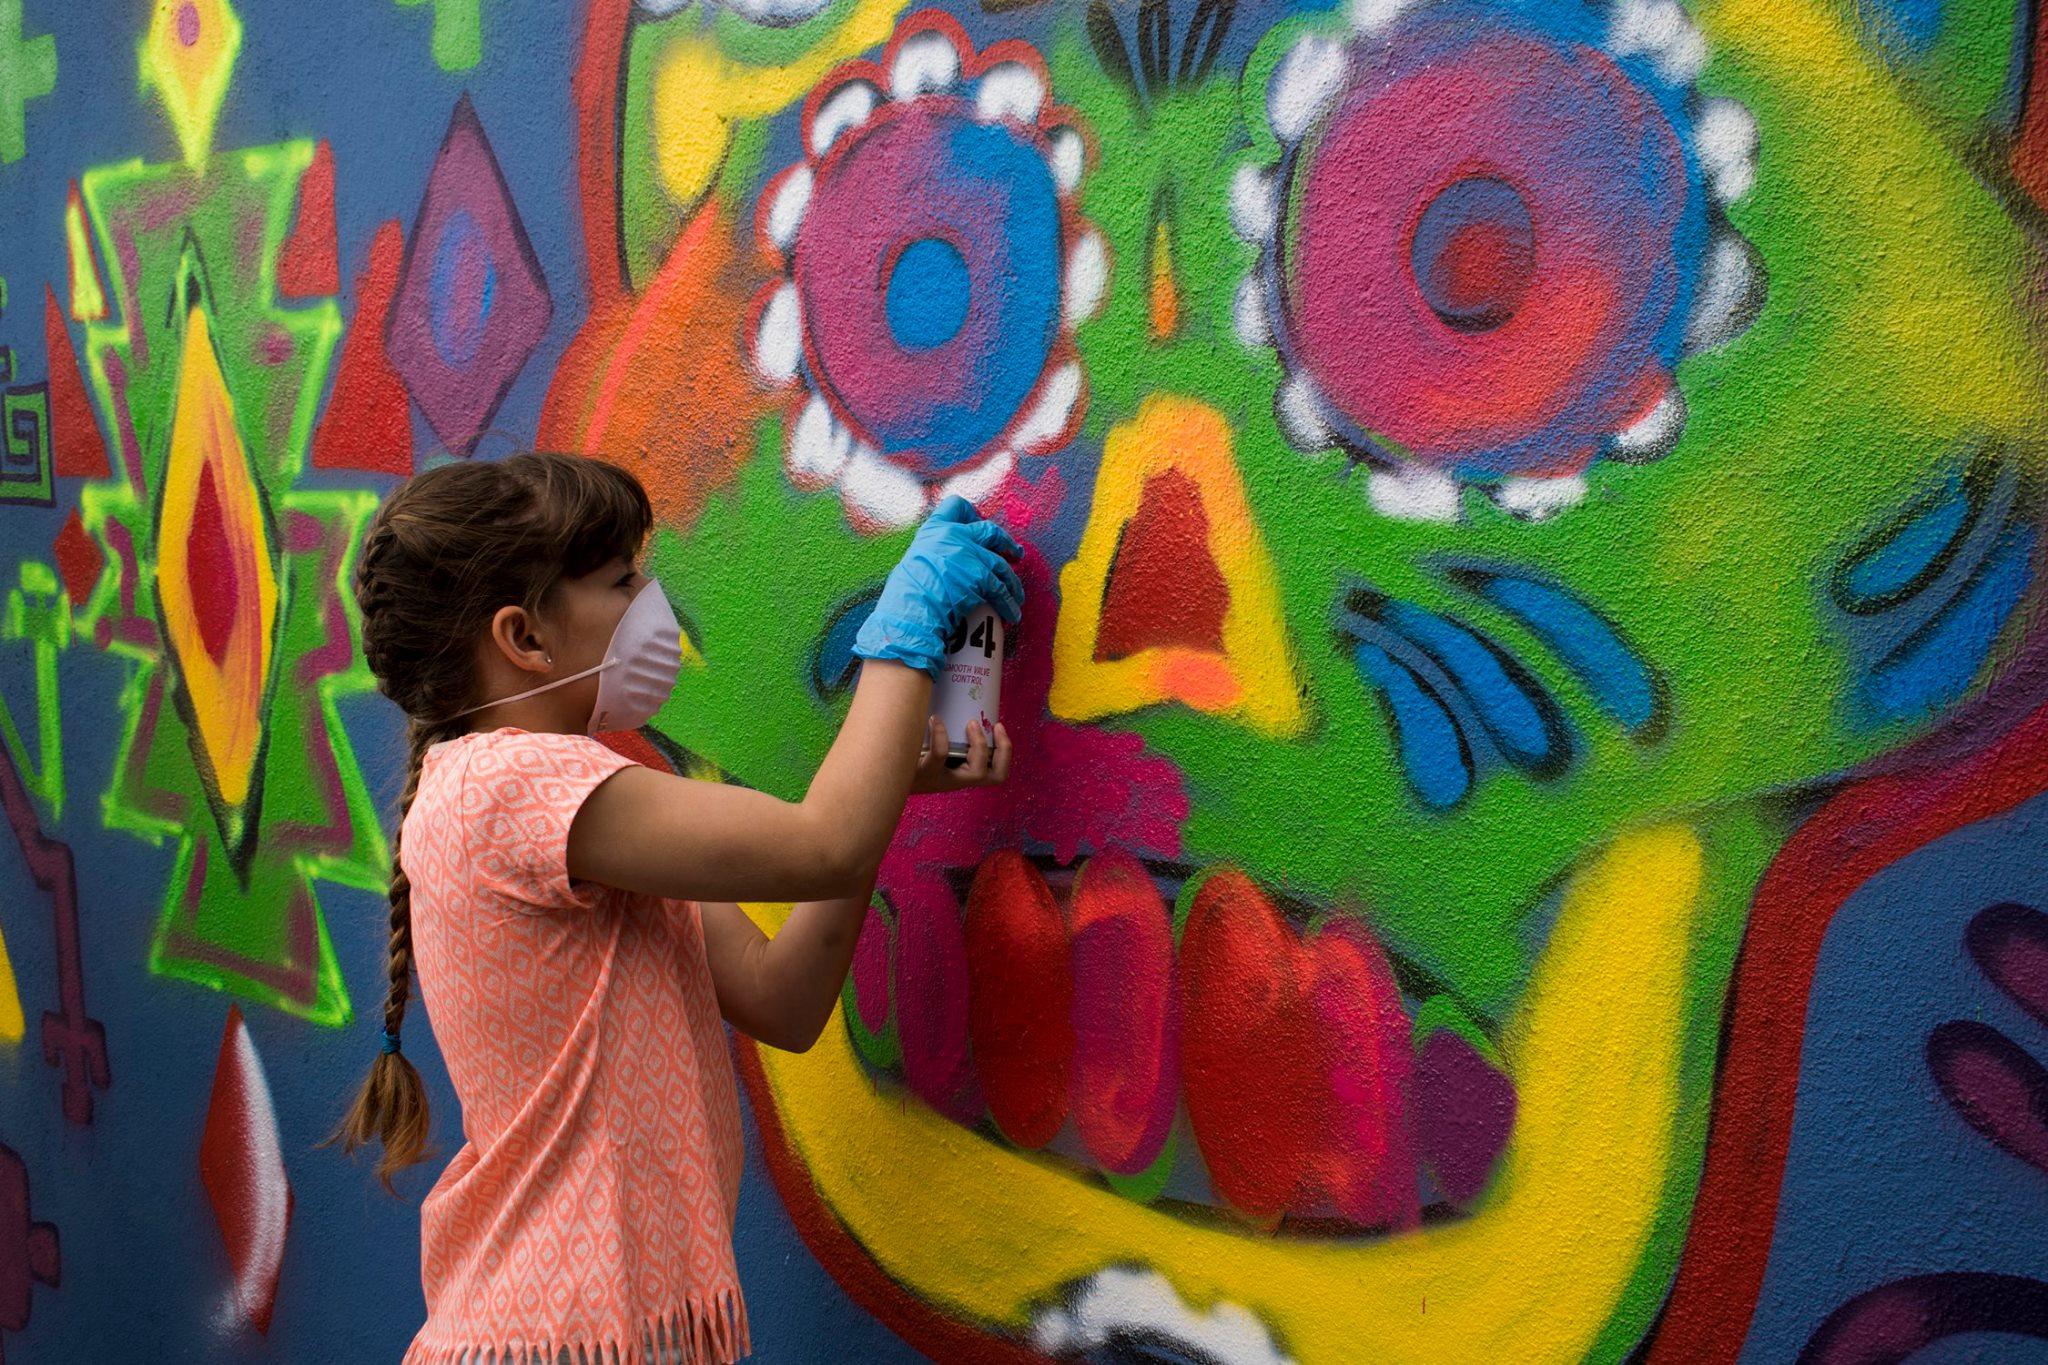 muro festival arte urbana marvila lisboa 2017 (6)